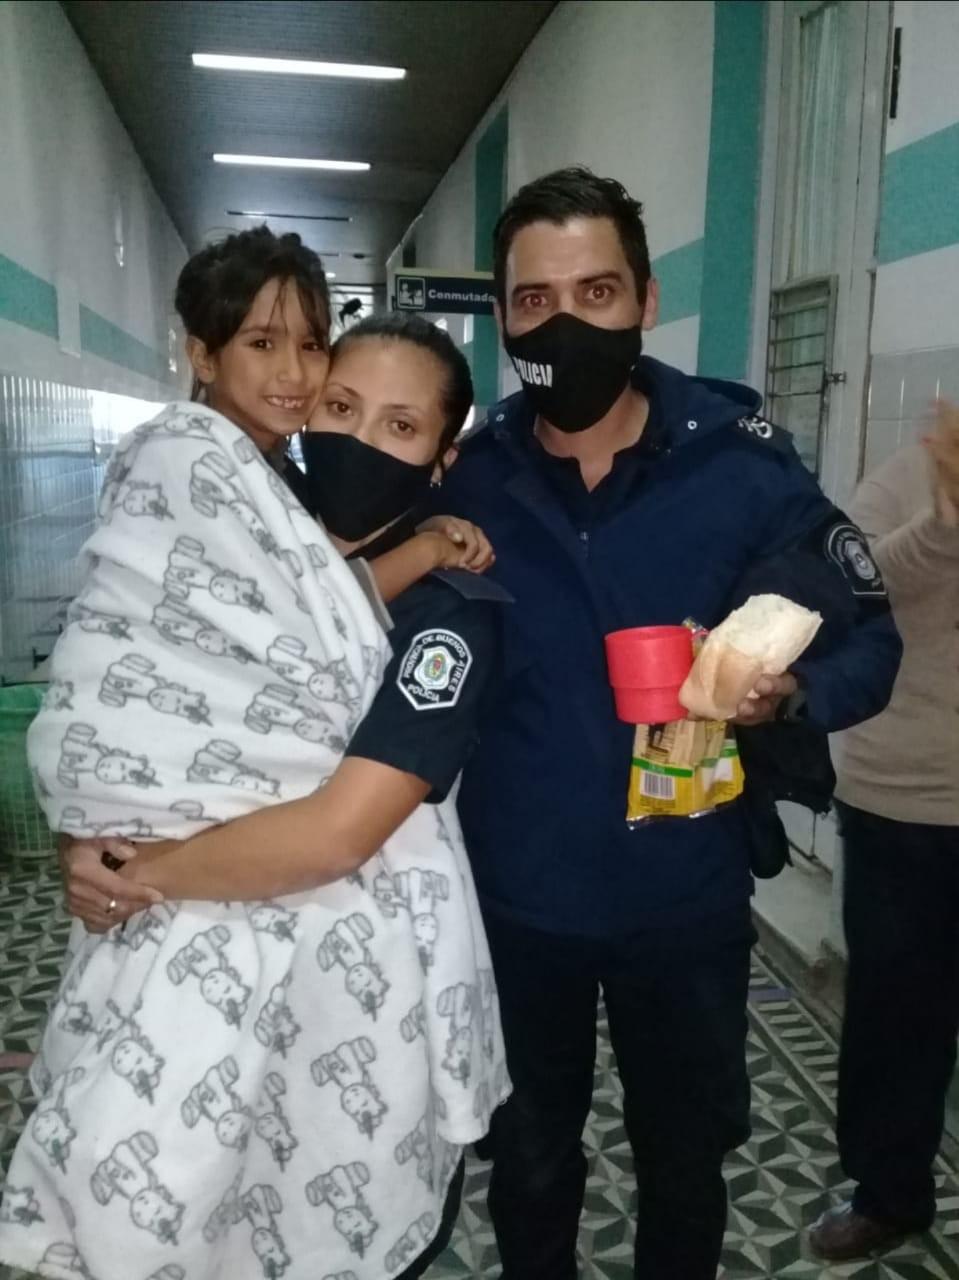 La mejor noticia: Encontraron a Maia y ya regresó con su familia